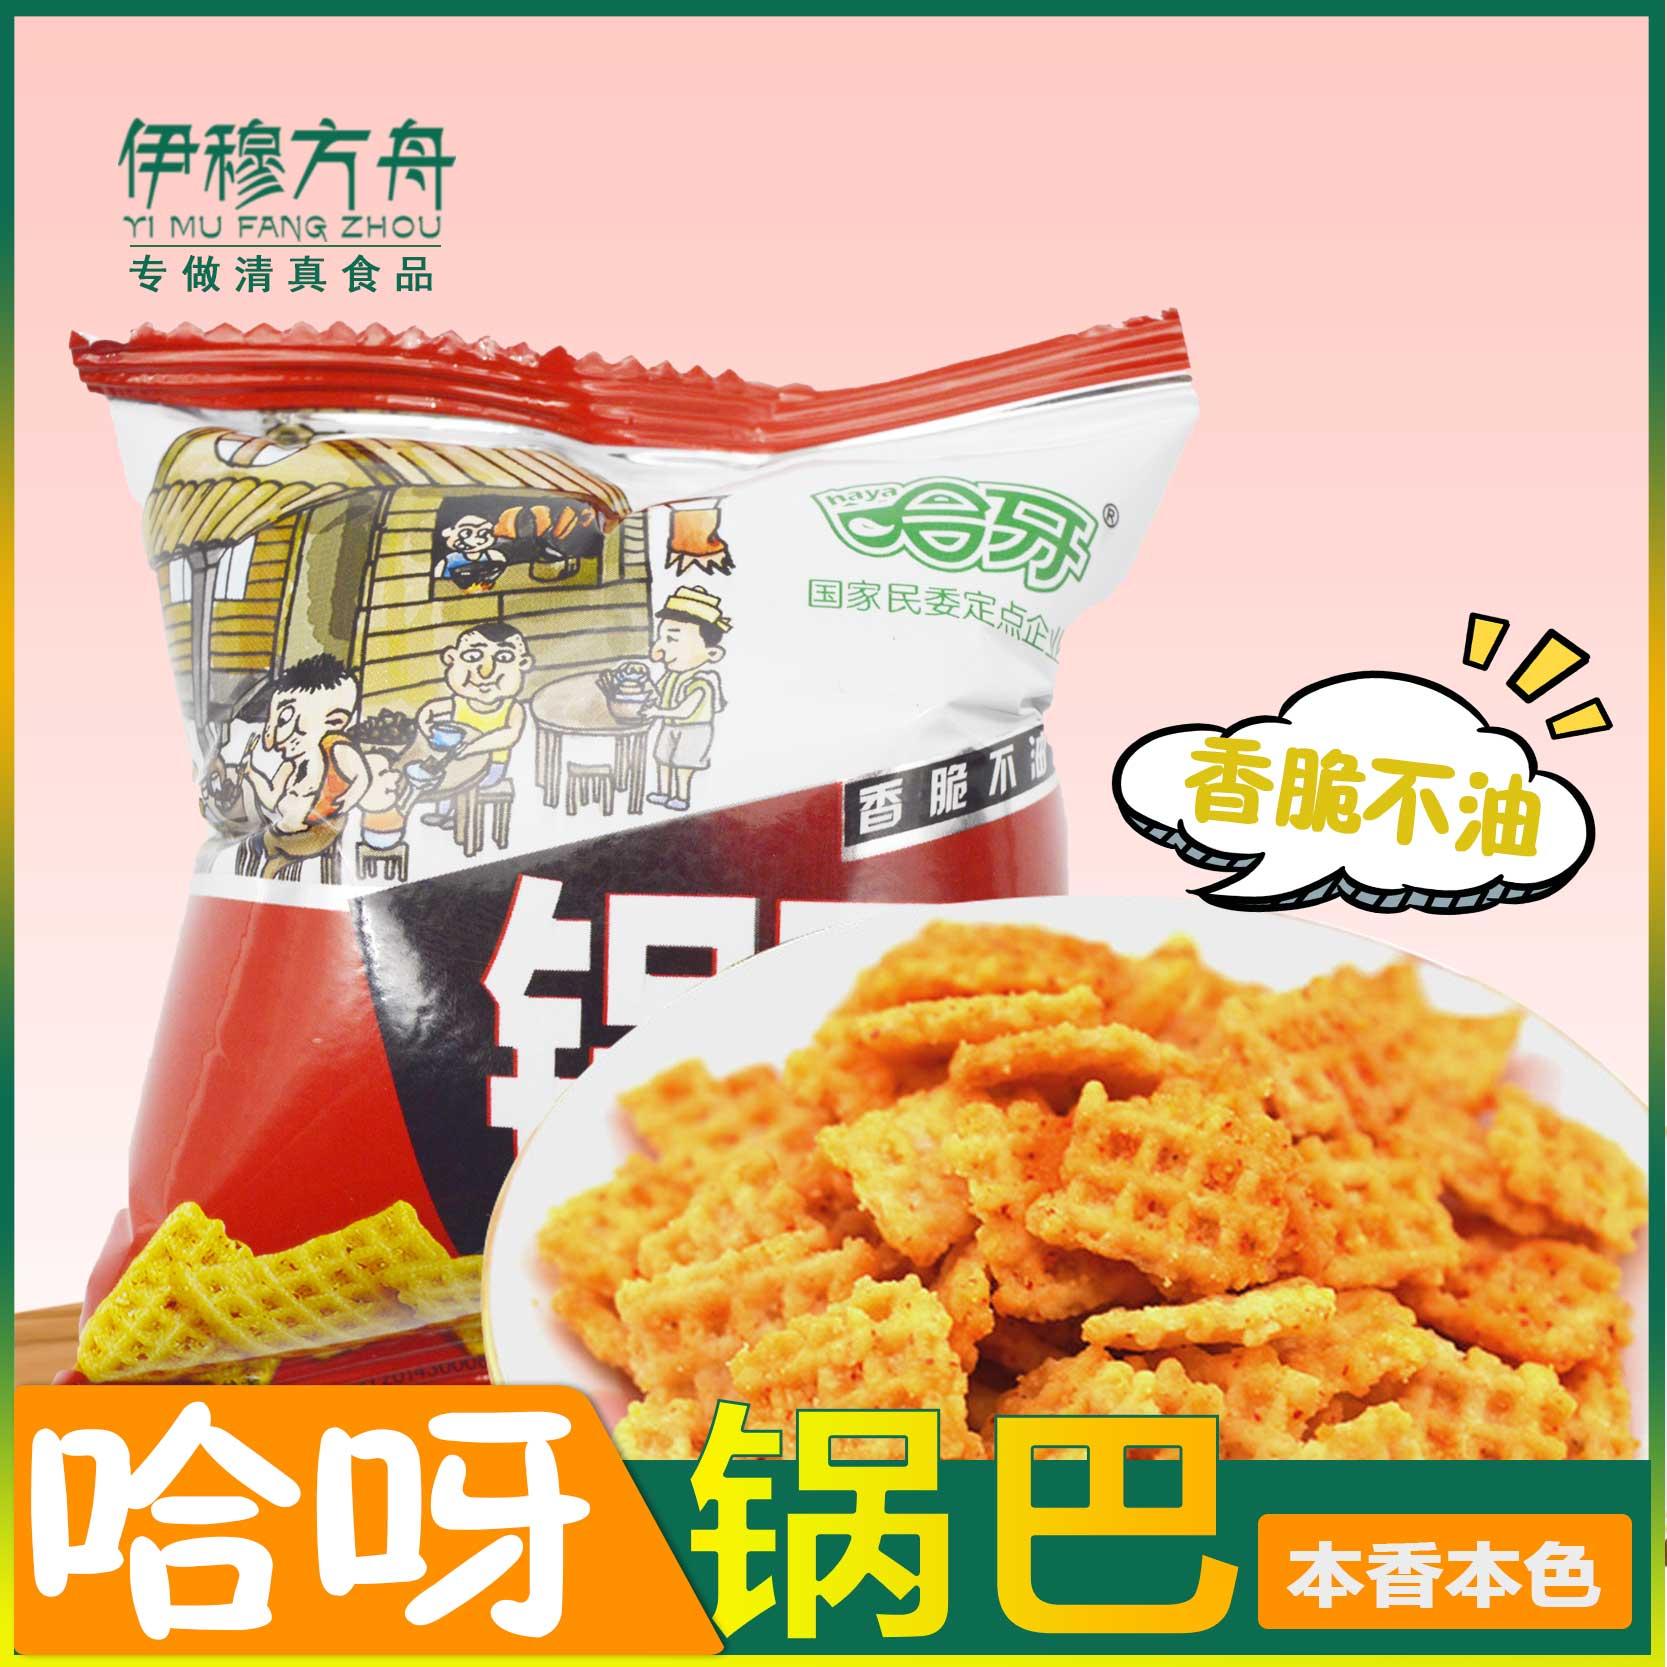 哈牙锅巴清真食品休闲食品特产零食饼干膨化香米油炸食品包邮